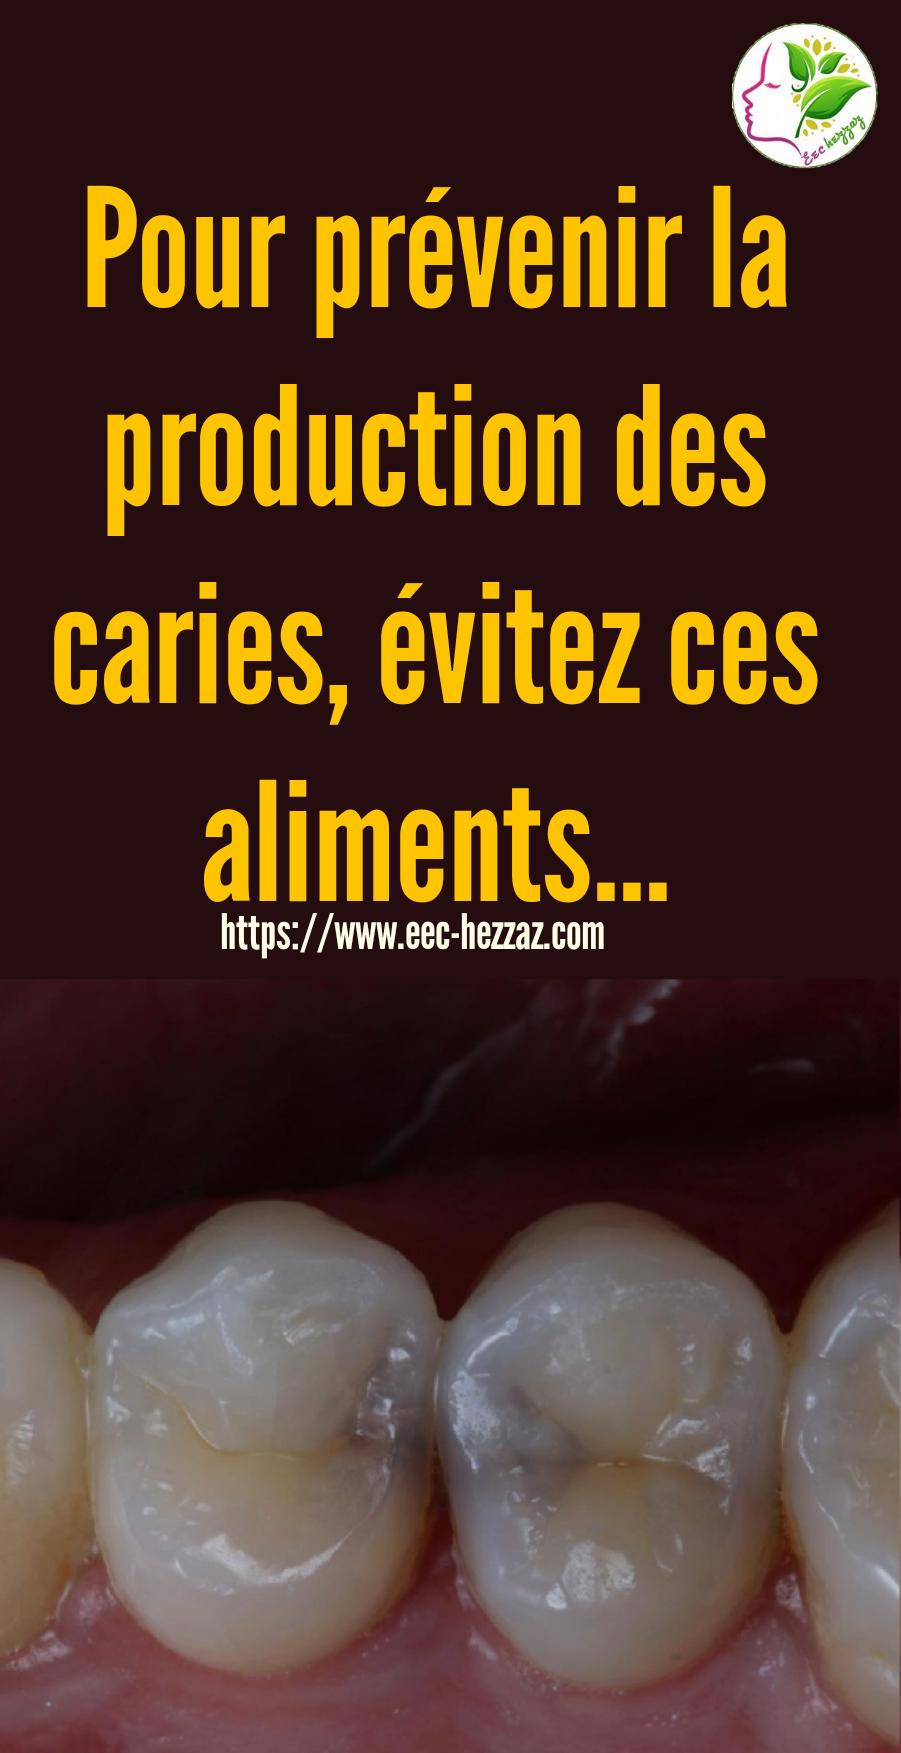 Pour prévenir la production des caries, évitez ces aliments...